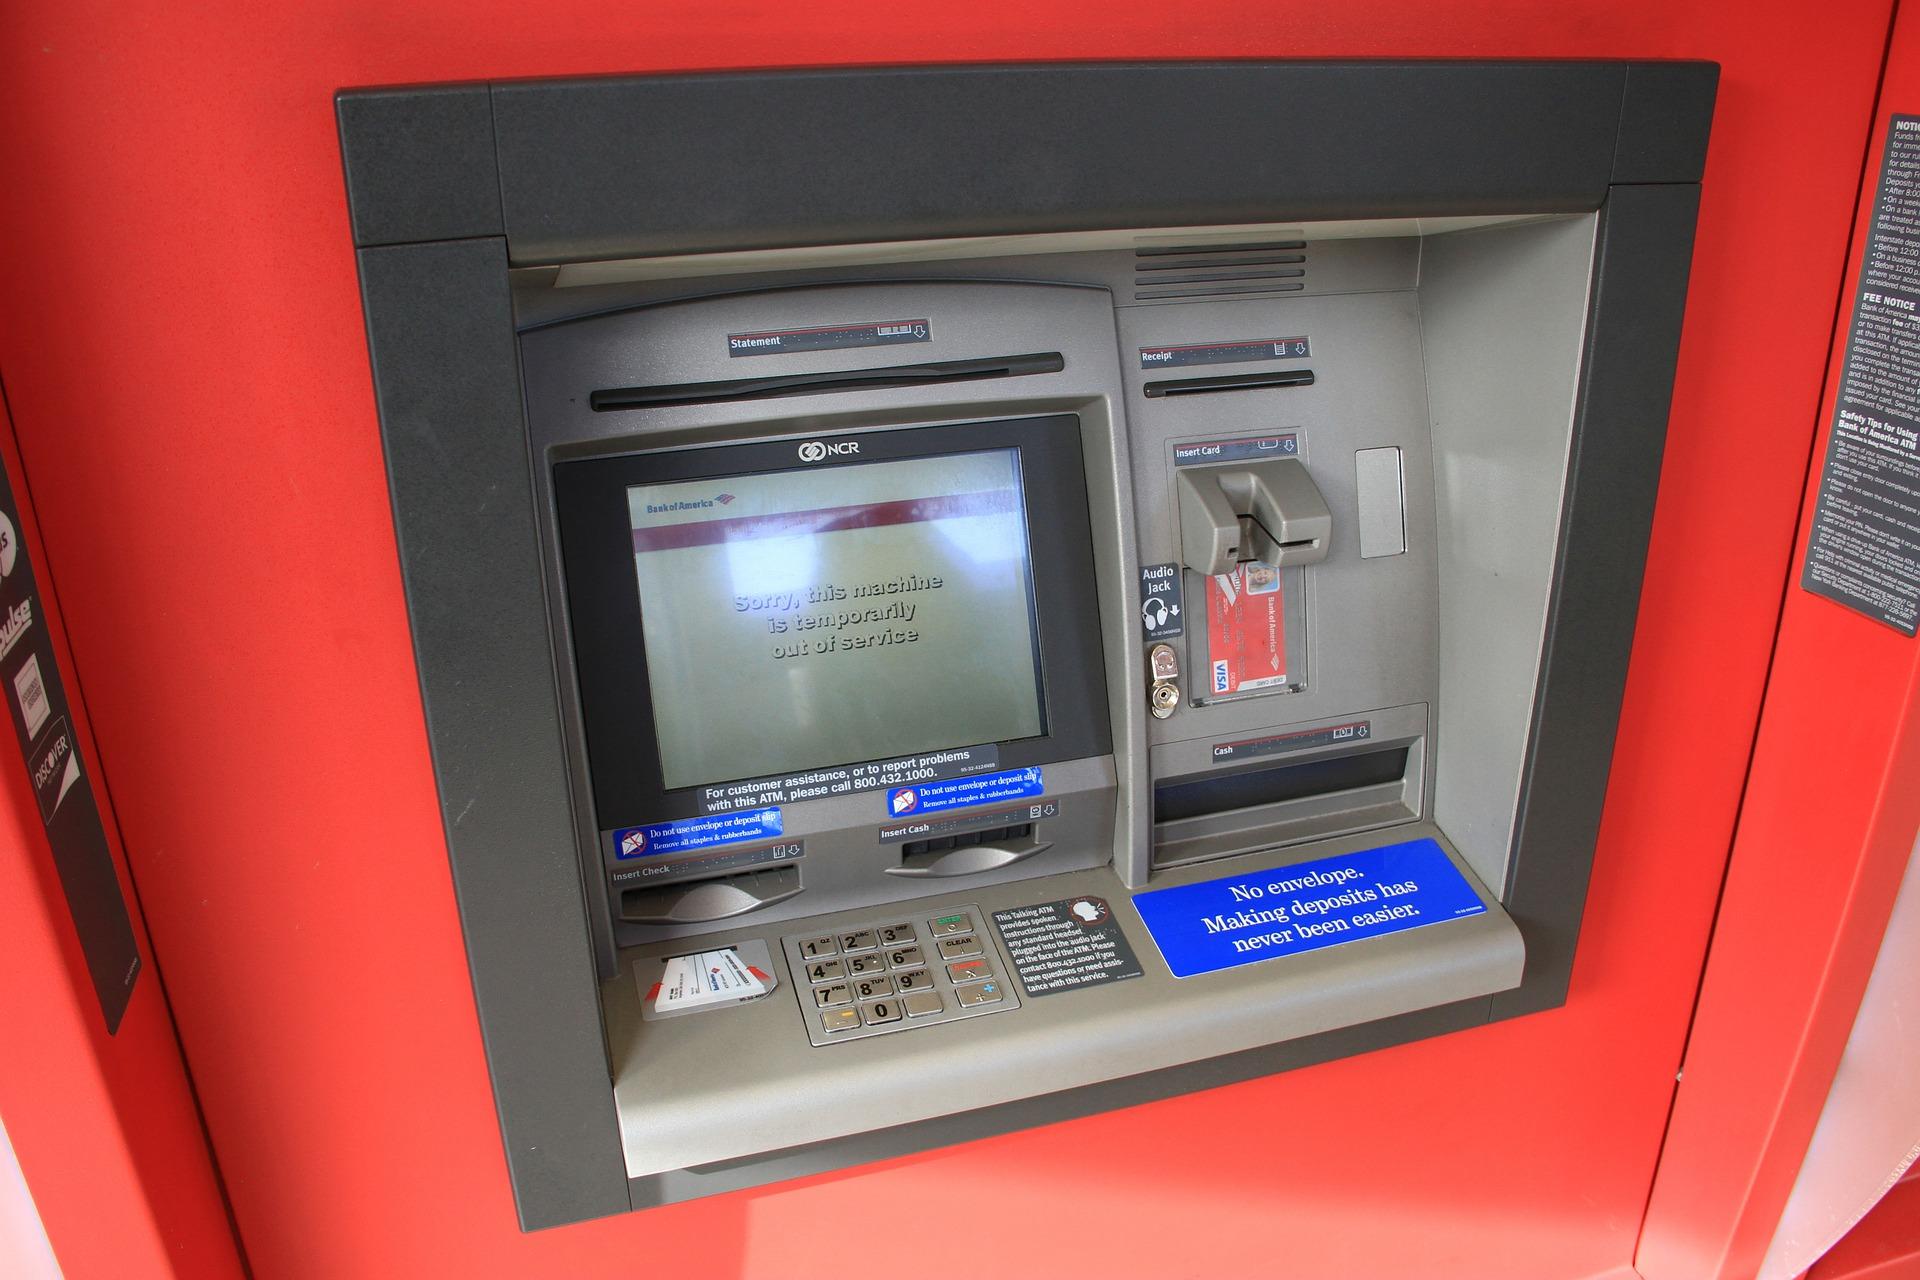 手持ちの現金が全くない!海外で急にお金が無くなった時に現地でお金を調達する方法とは。